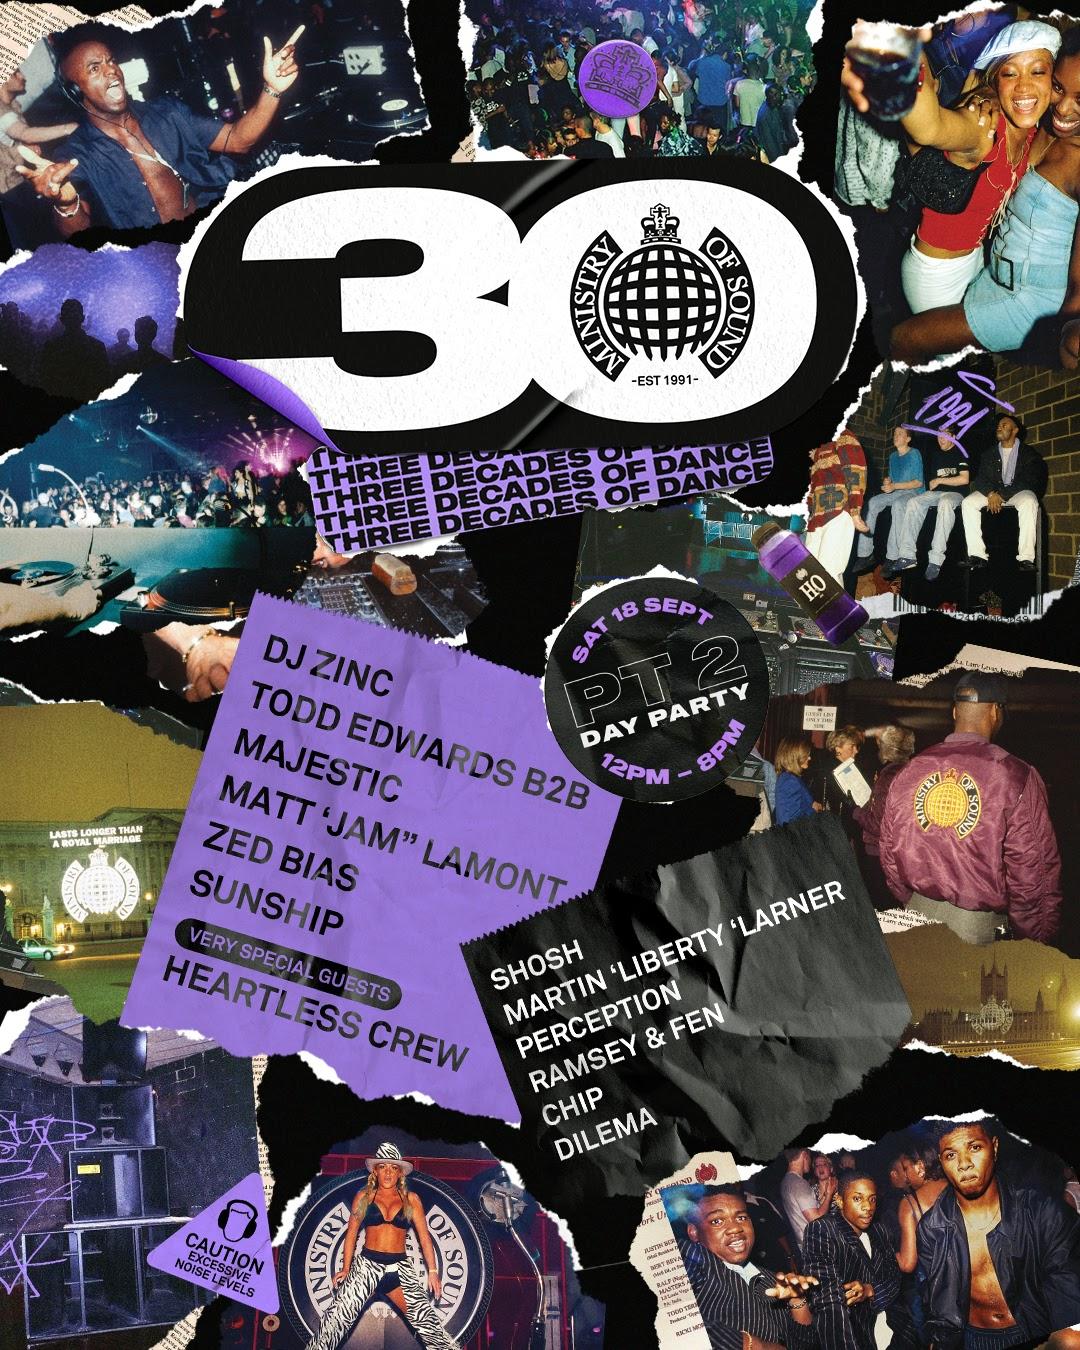 Londres fête anniversaire Minsitry of Sound week end 17 au 19 septembre